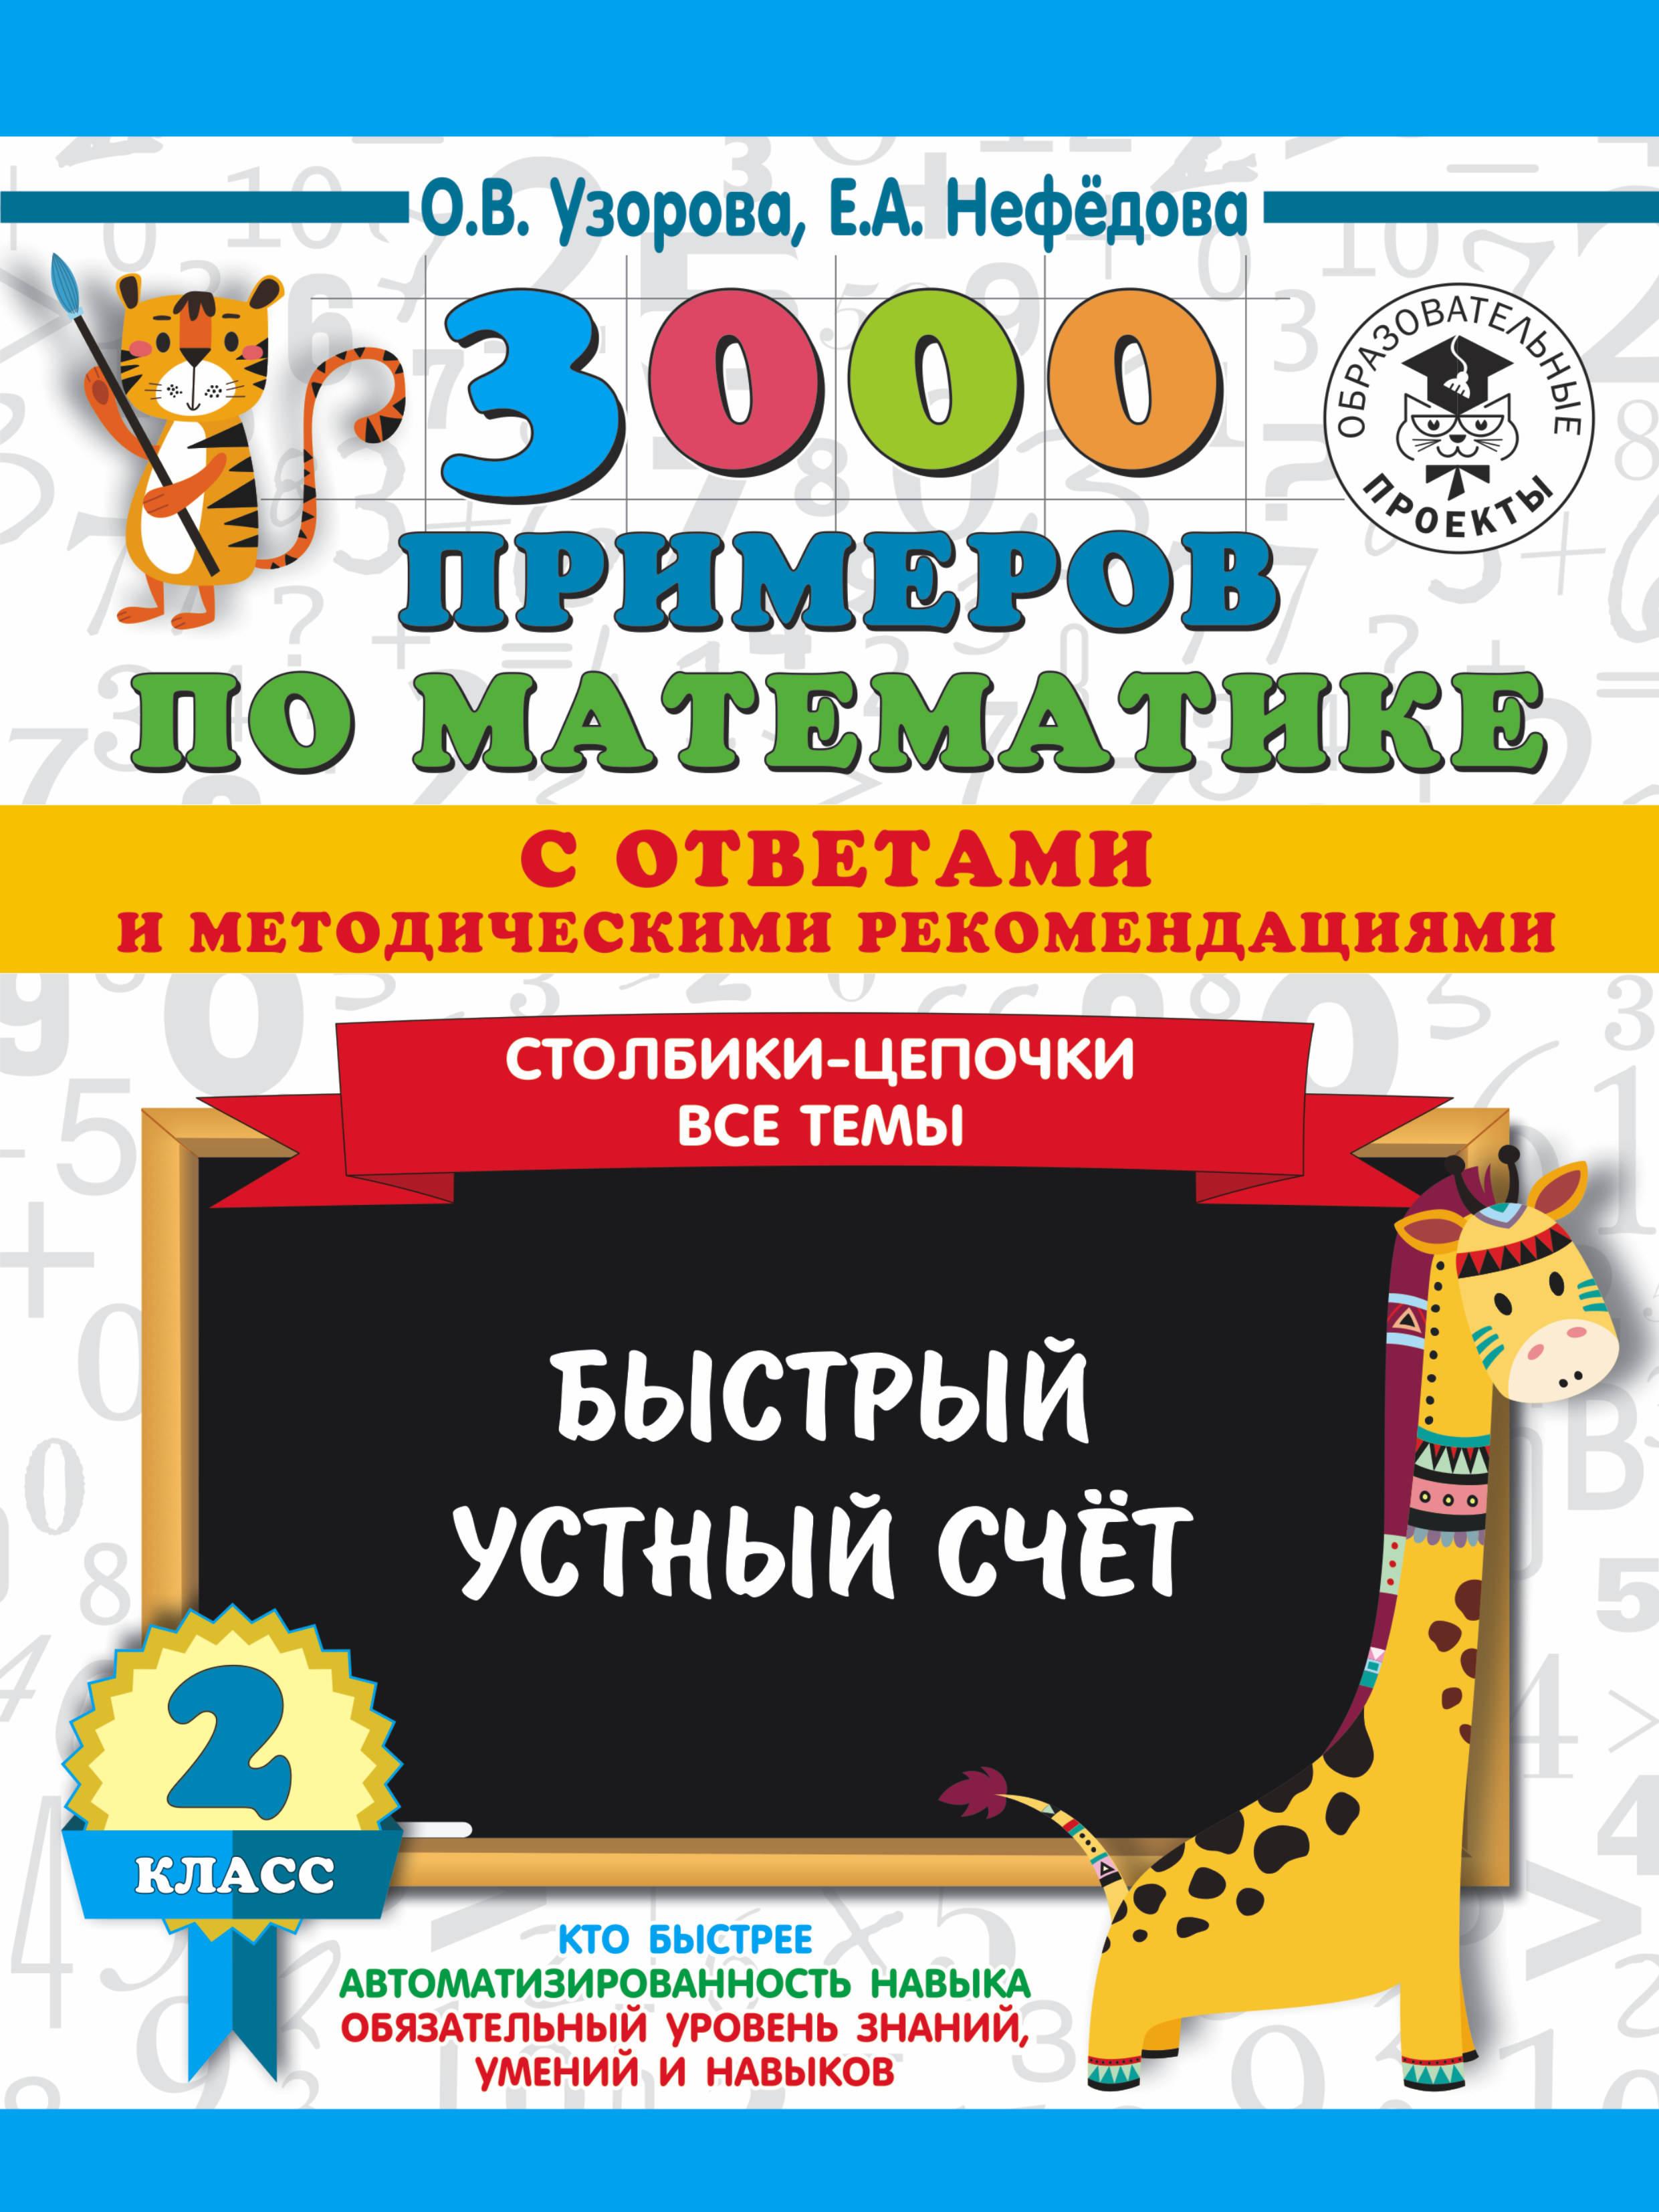 3000 primerov po matematike s otvetami i metodicheskimi rekomendatsijami. Stolbiki-tsepochki. Vse temy. Bystryj ustnyj schjot. 2 klass